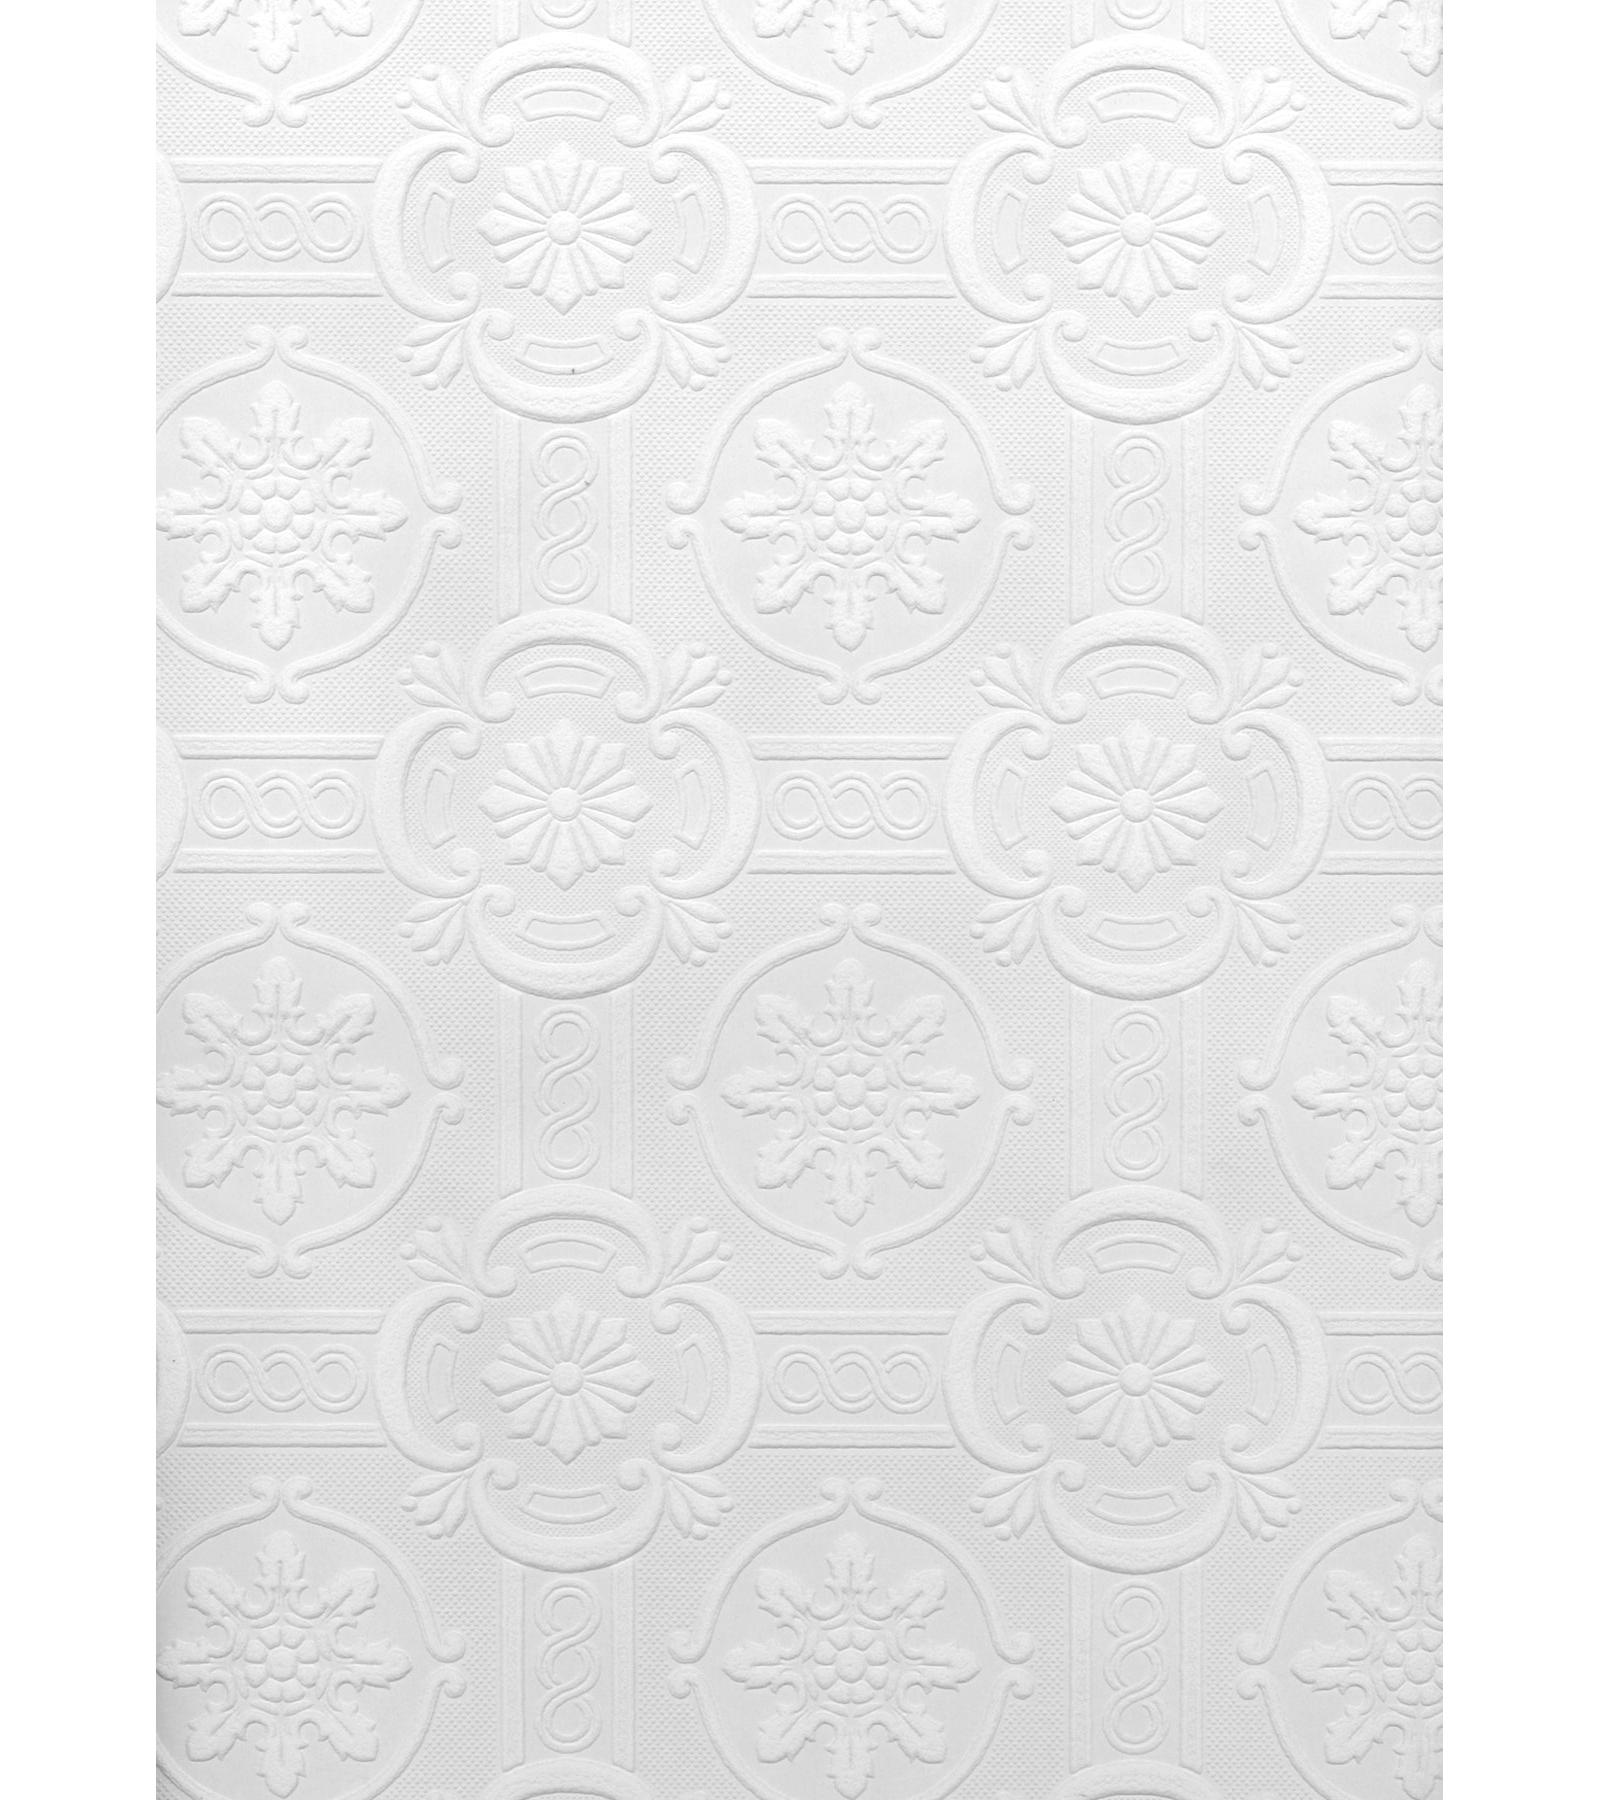 Reuben Ornate Tiles Paintable Wallpaper PartNumber: 03005283000P KsnValue: 7492836 MfgPartNumber: 497-99422